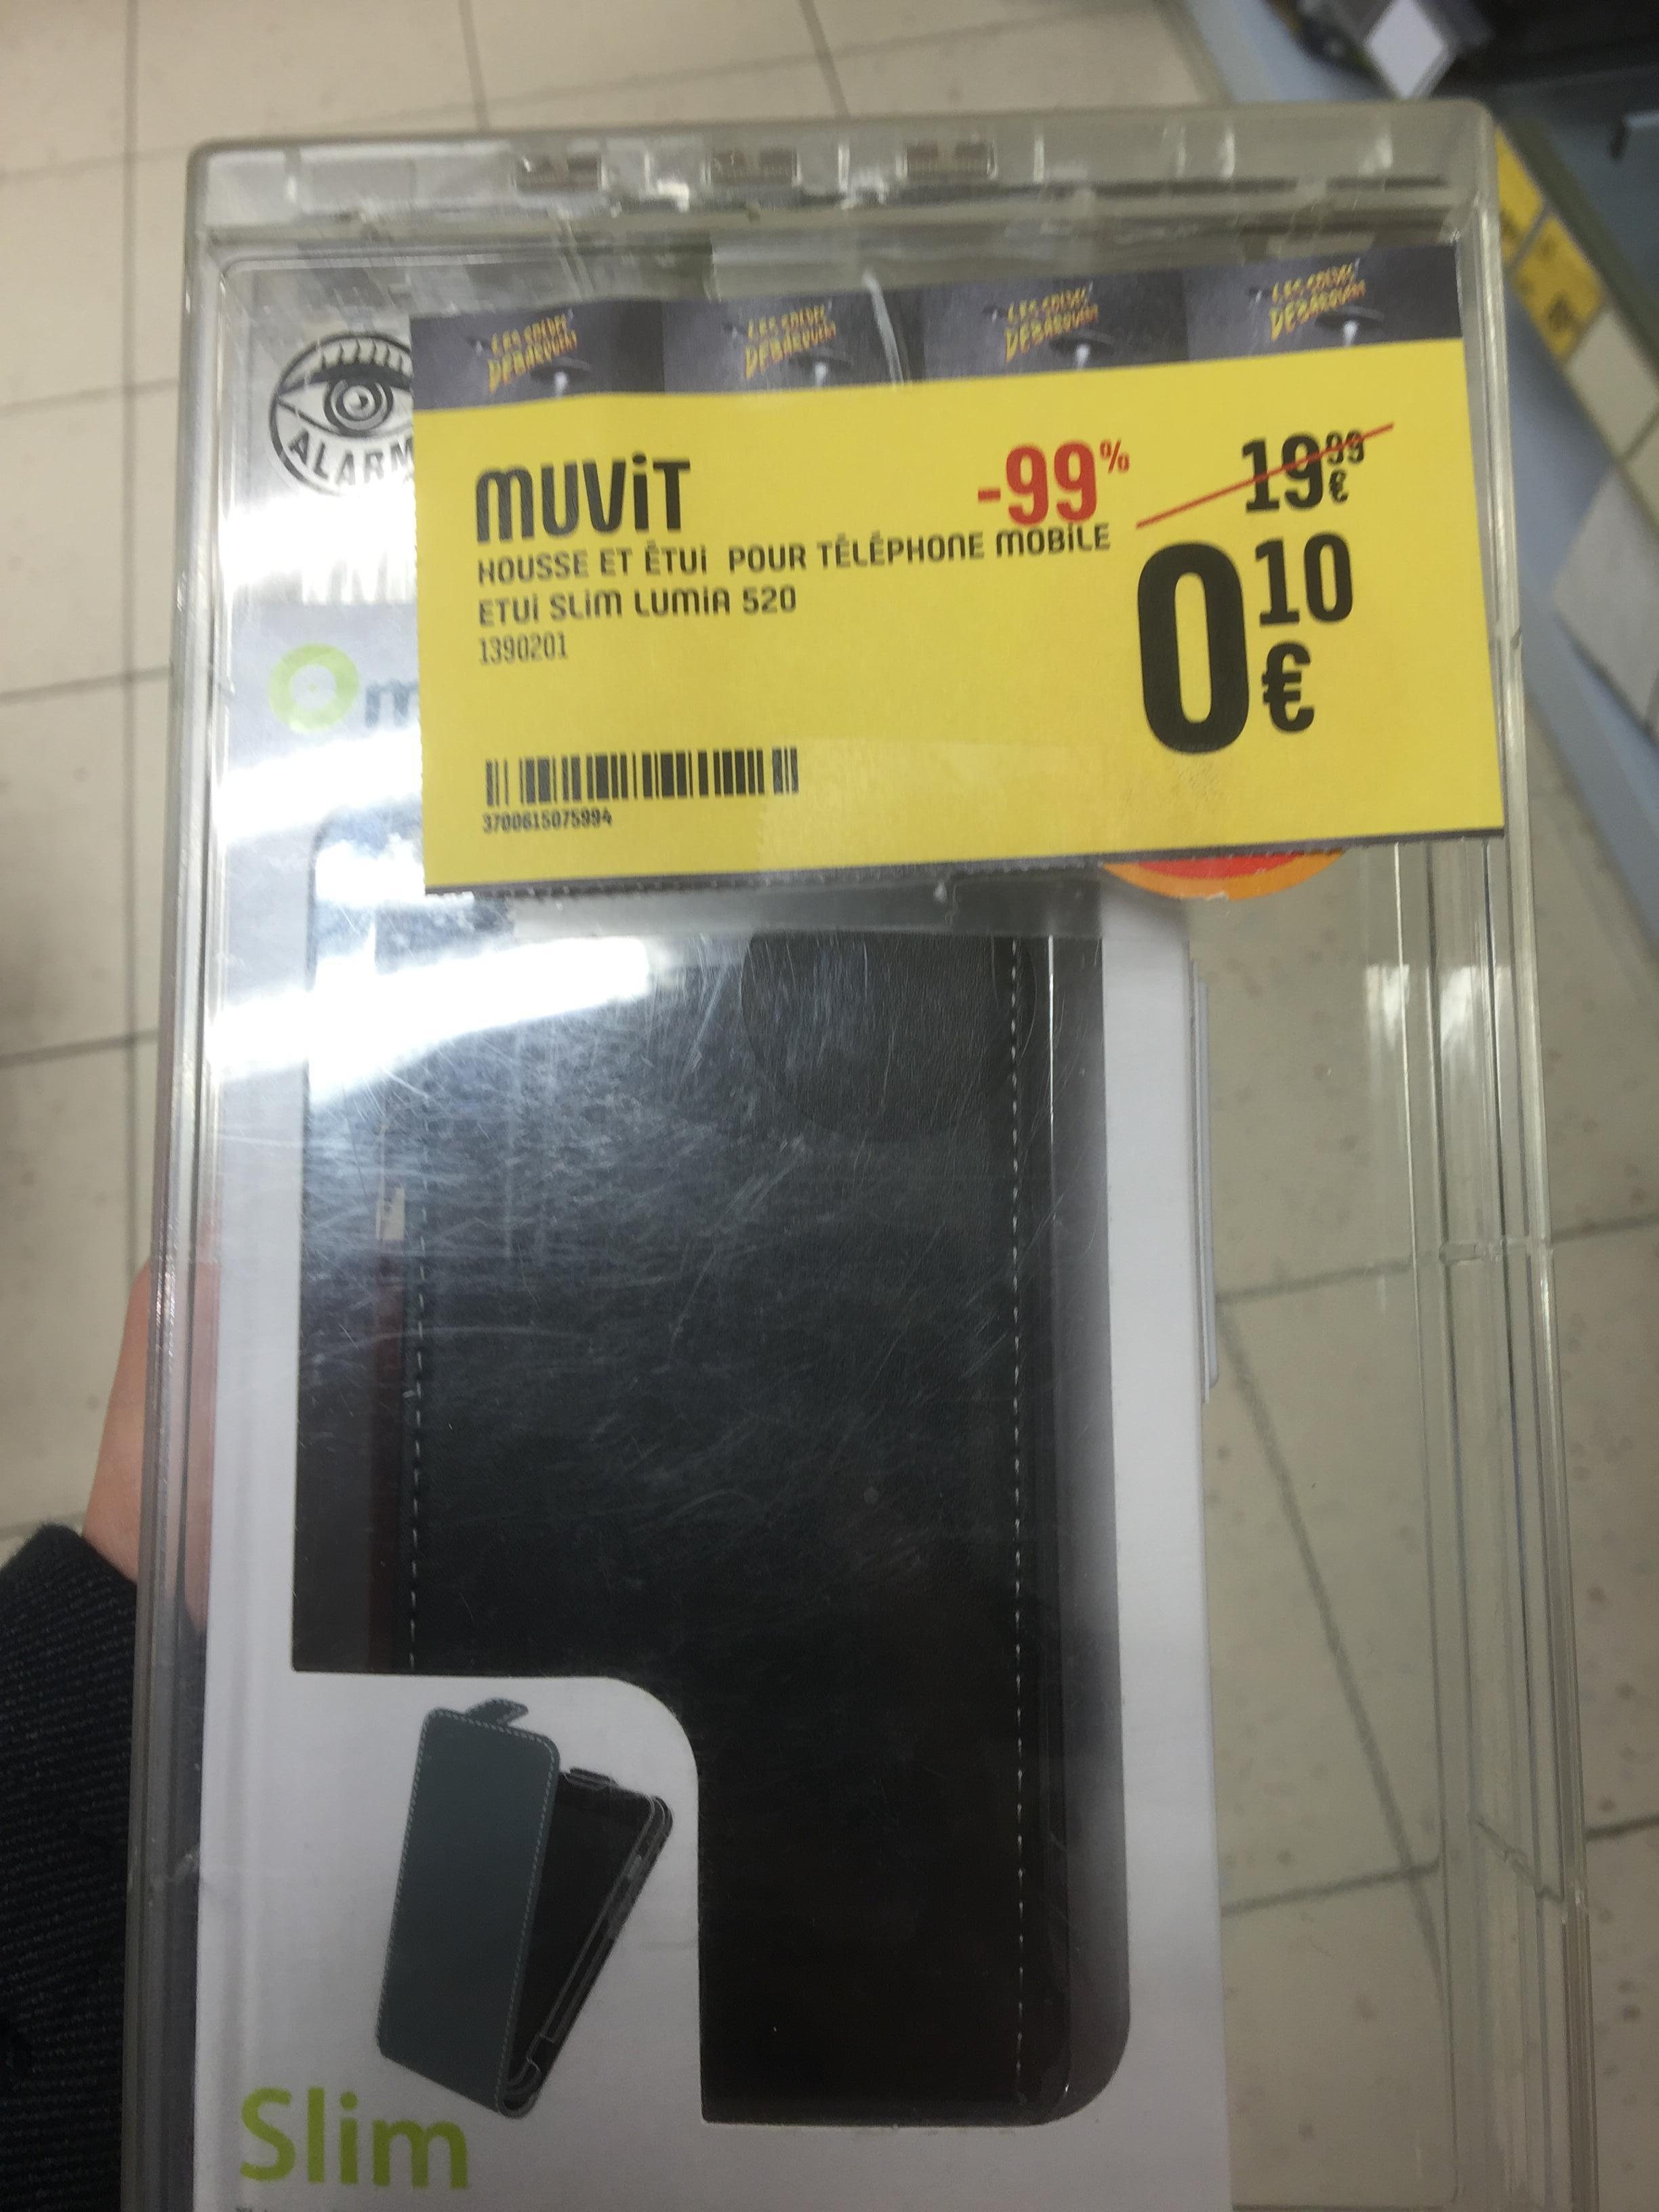 Etui à clapet Muvit Slim pour smartphone Nokia Lumia 520